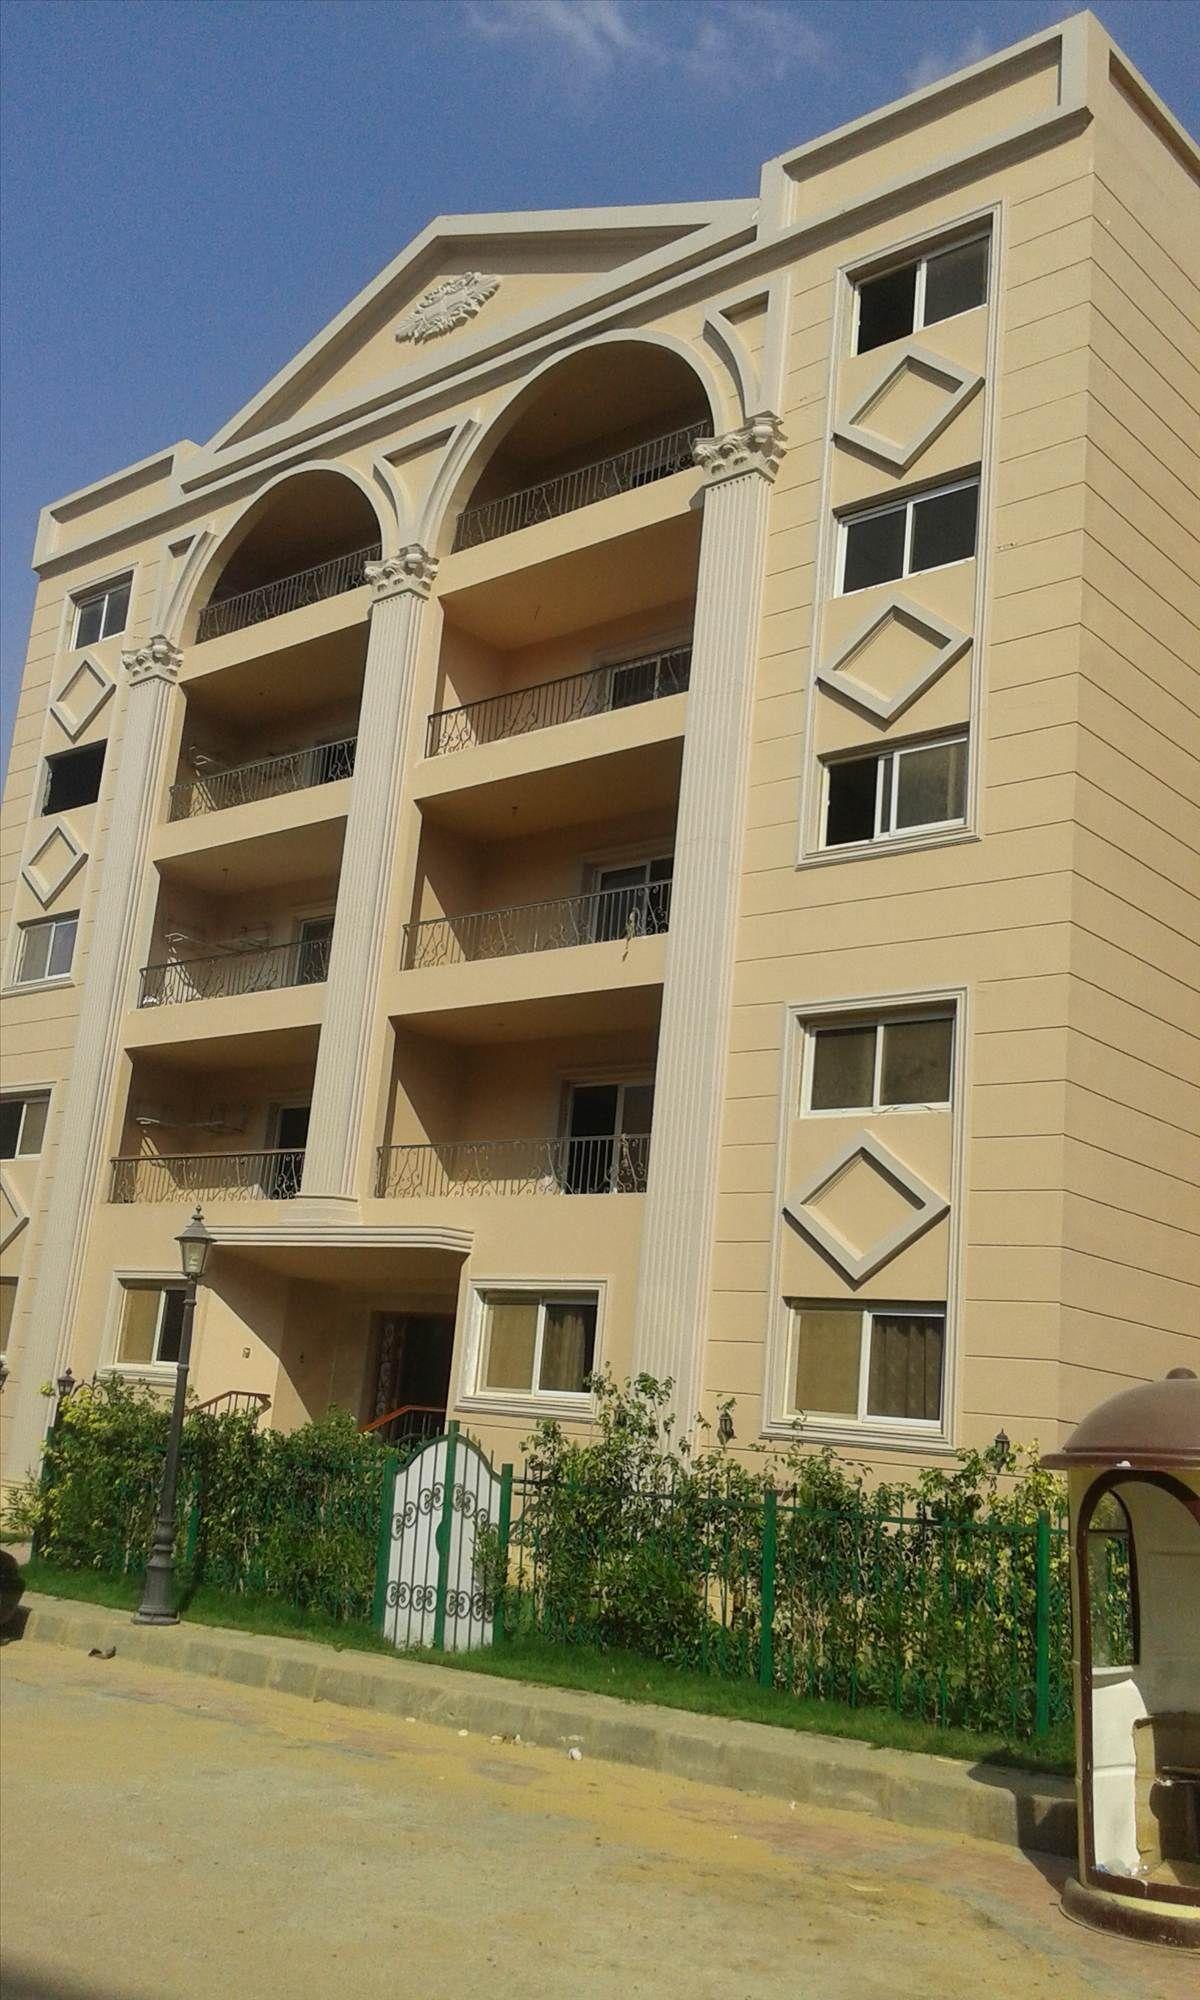 عقار ستوك شقه للبيع بالتجمع الخامس 215م النرجس عمارات House Styles Mansions House